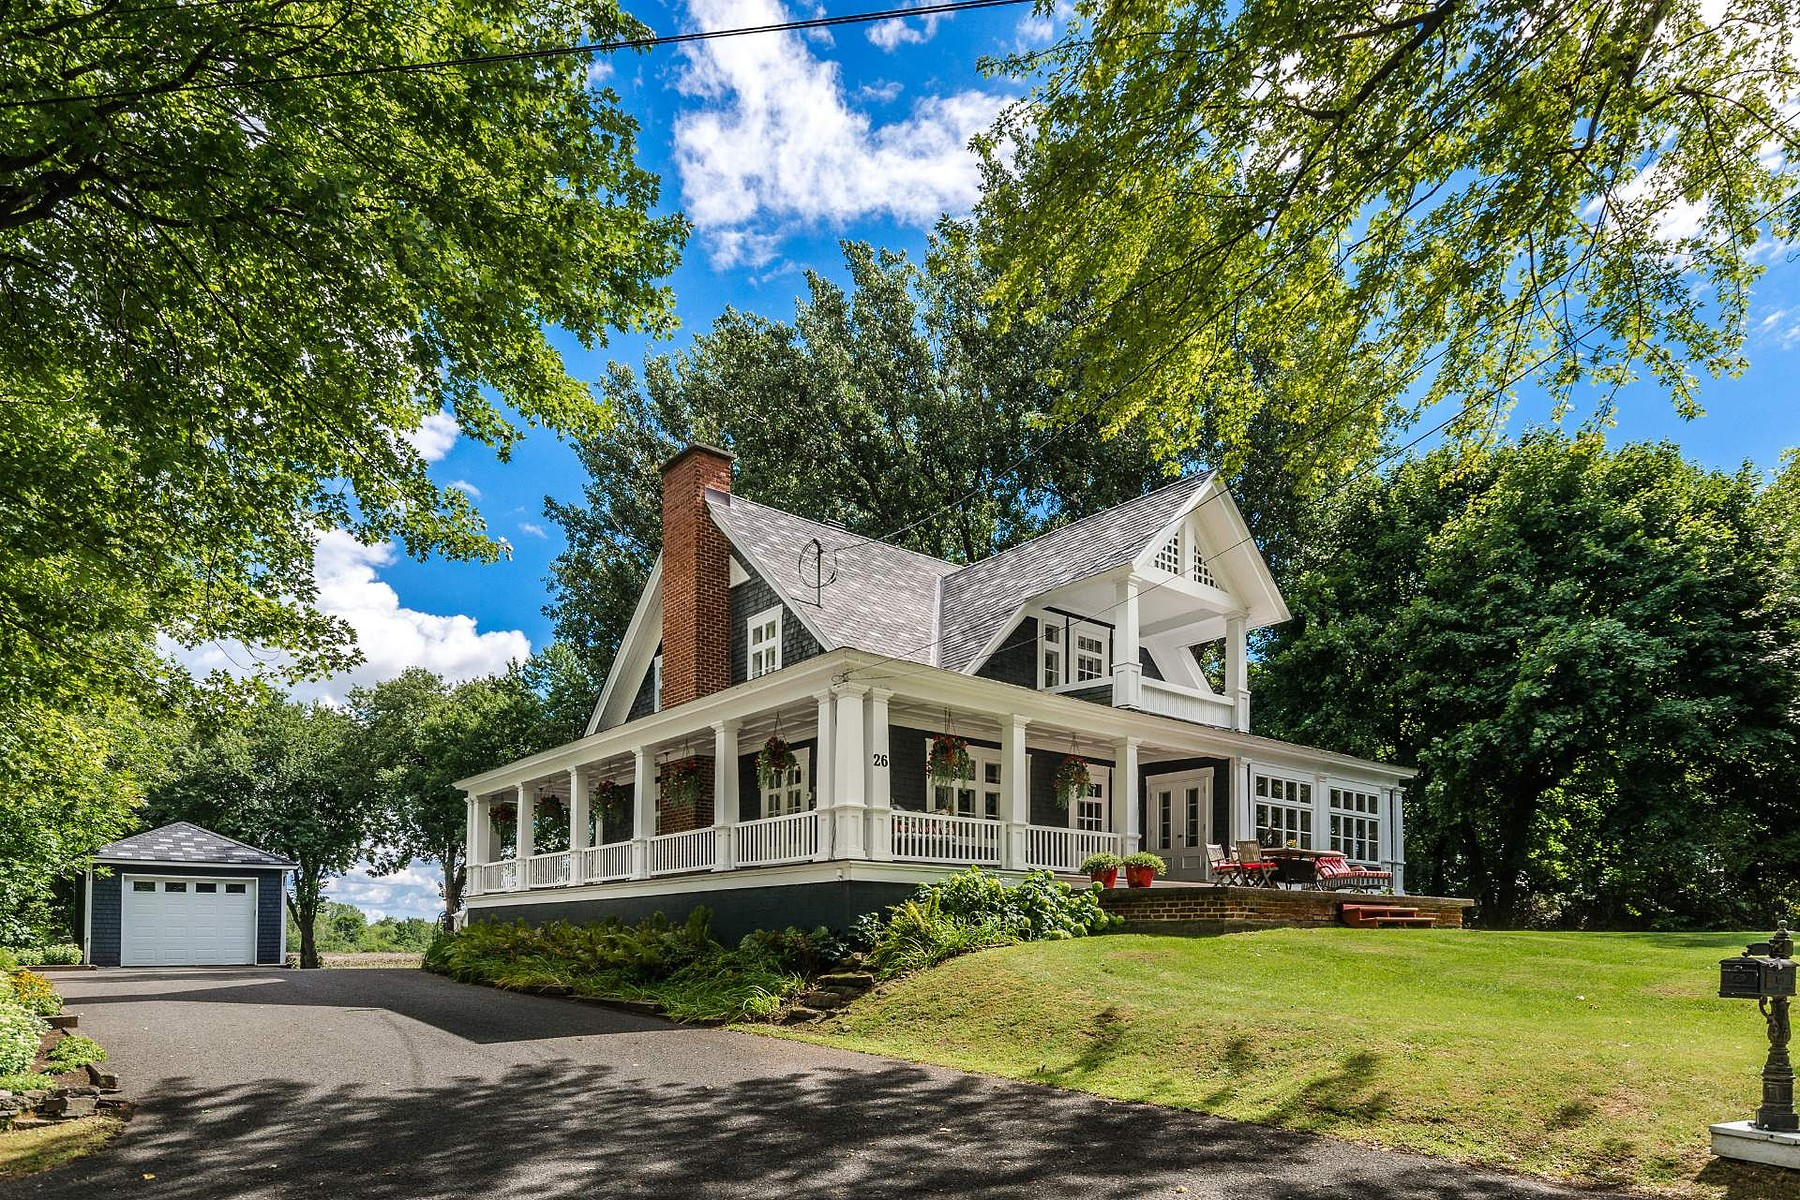 Single Family Homes for Sale at Léry, Montérégie 26 Ch. du Lac-St-Louis Lery, Quebec J6N1A1 Canada